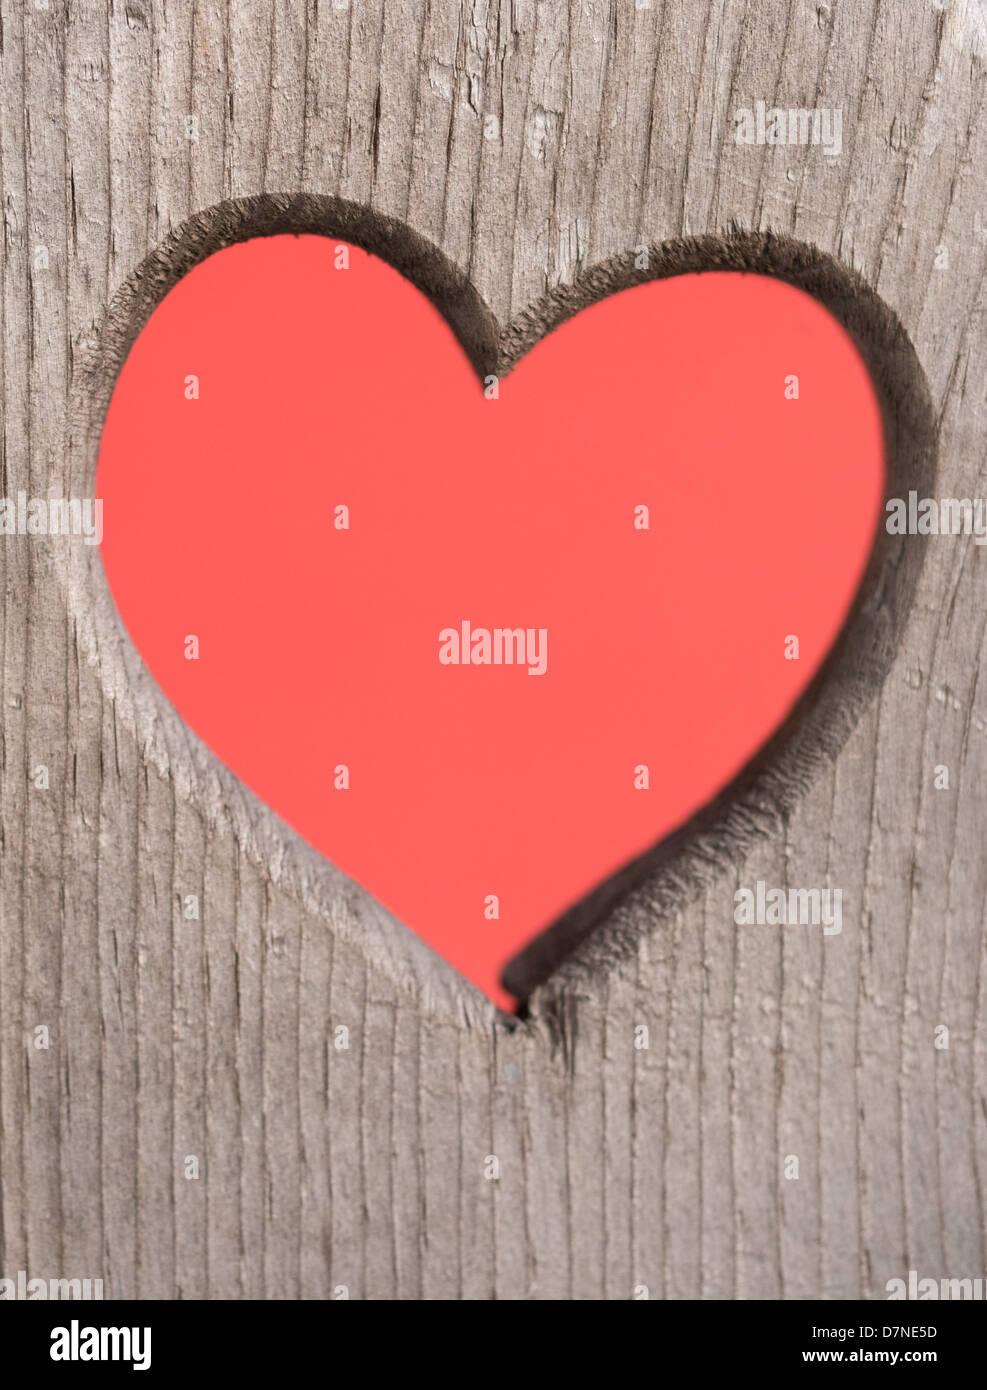 Corazón rojo en un corte de madera desgastada Imagen De Stock